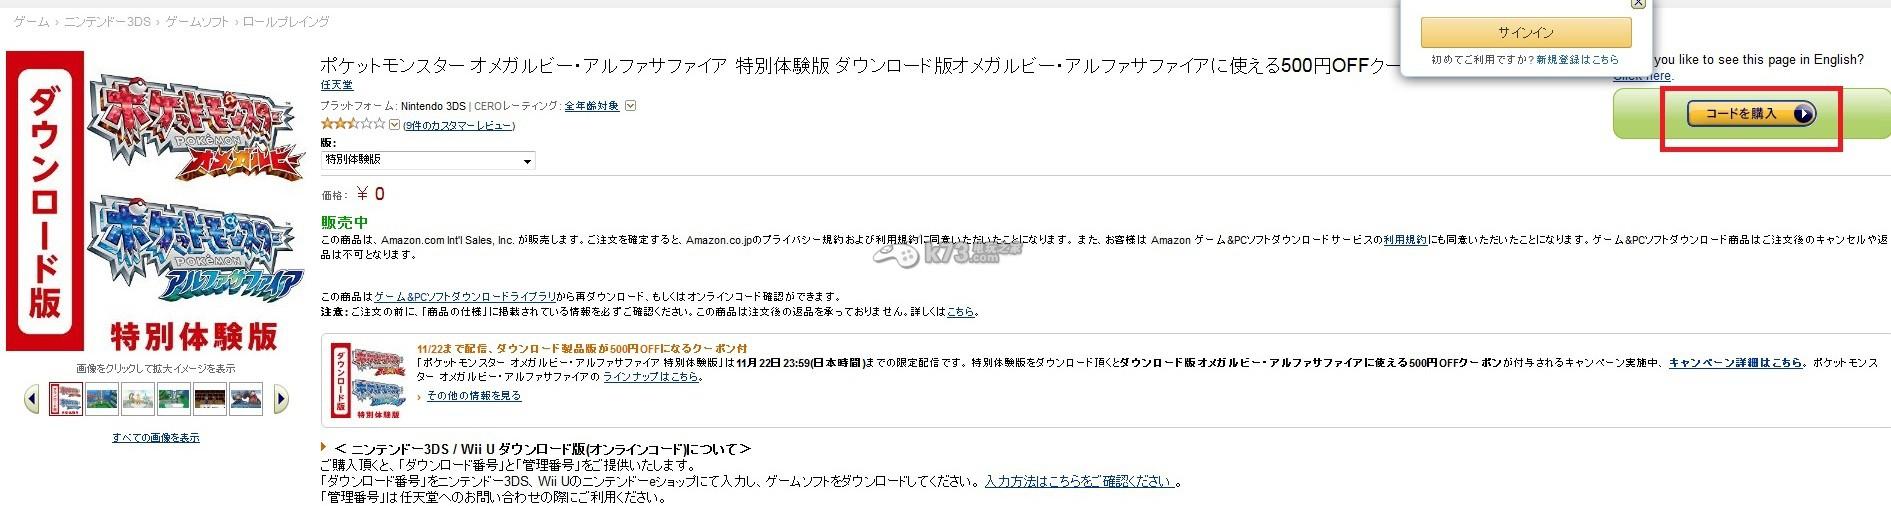 口袋妖怪红宝石/蓝宝石日版体验版下载码获取教程